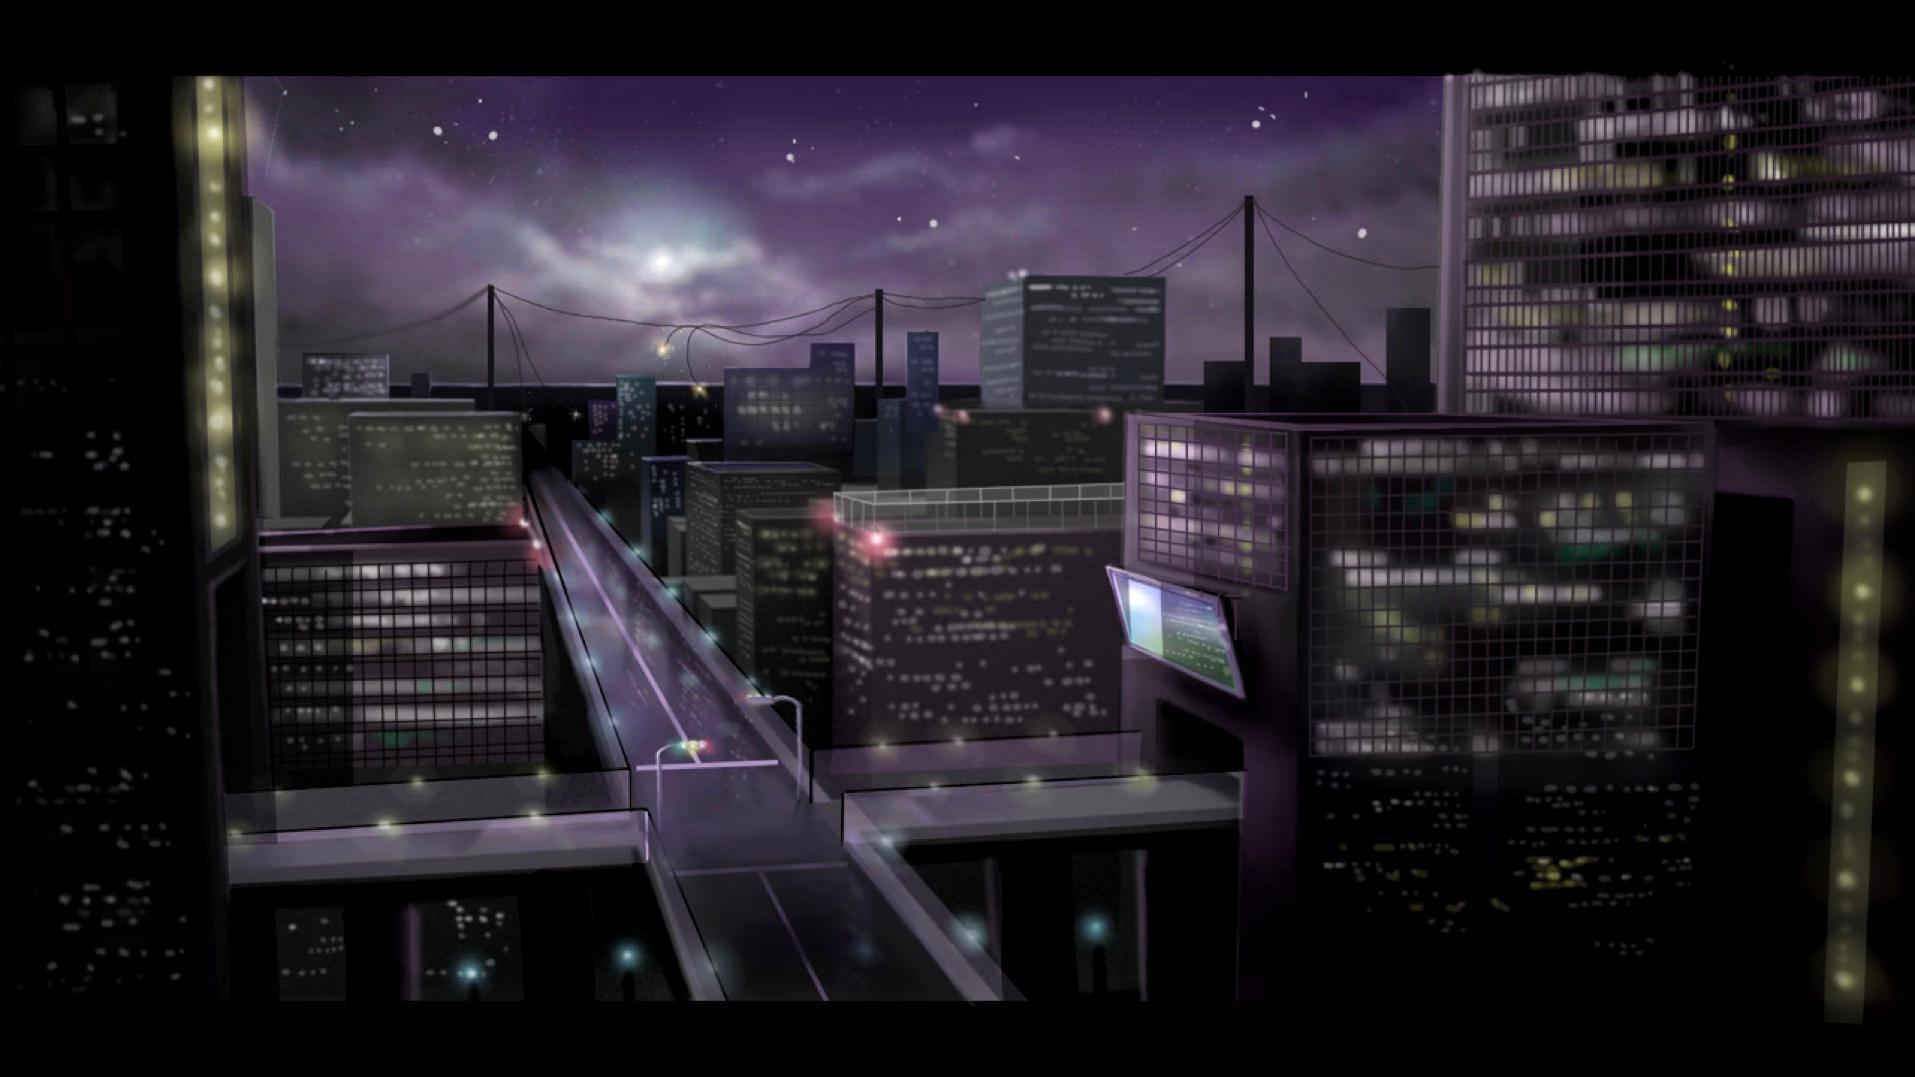 P站画师作品Night city